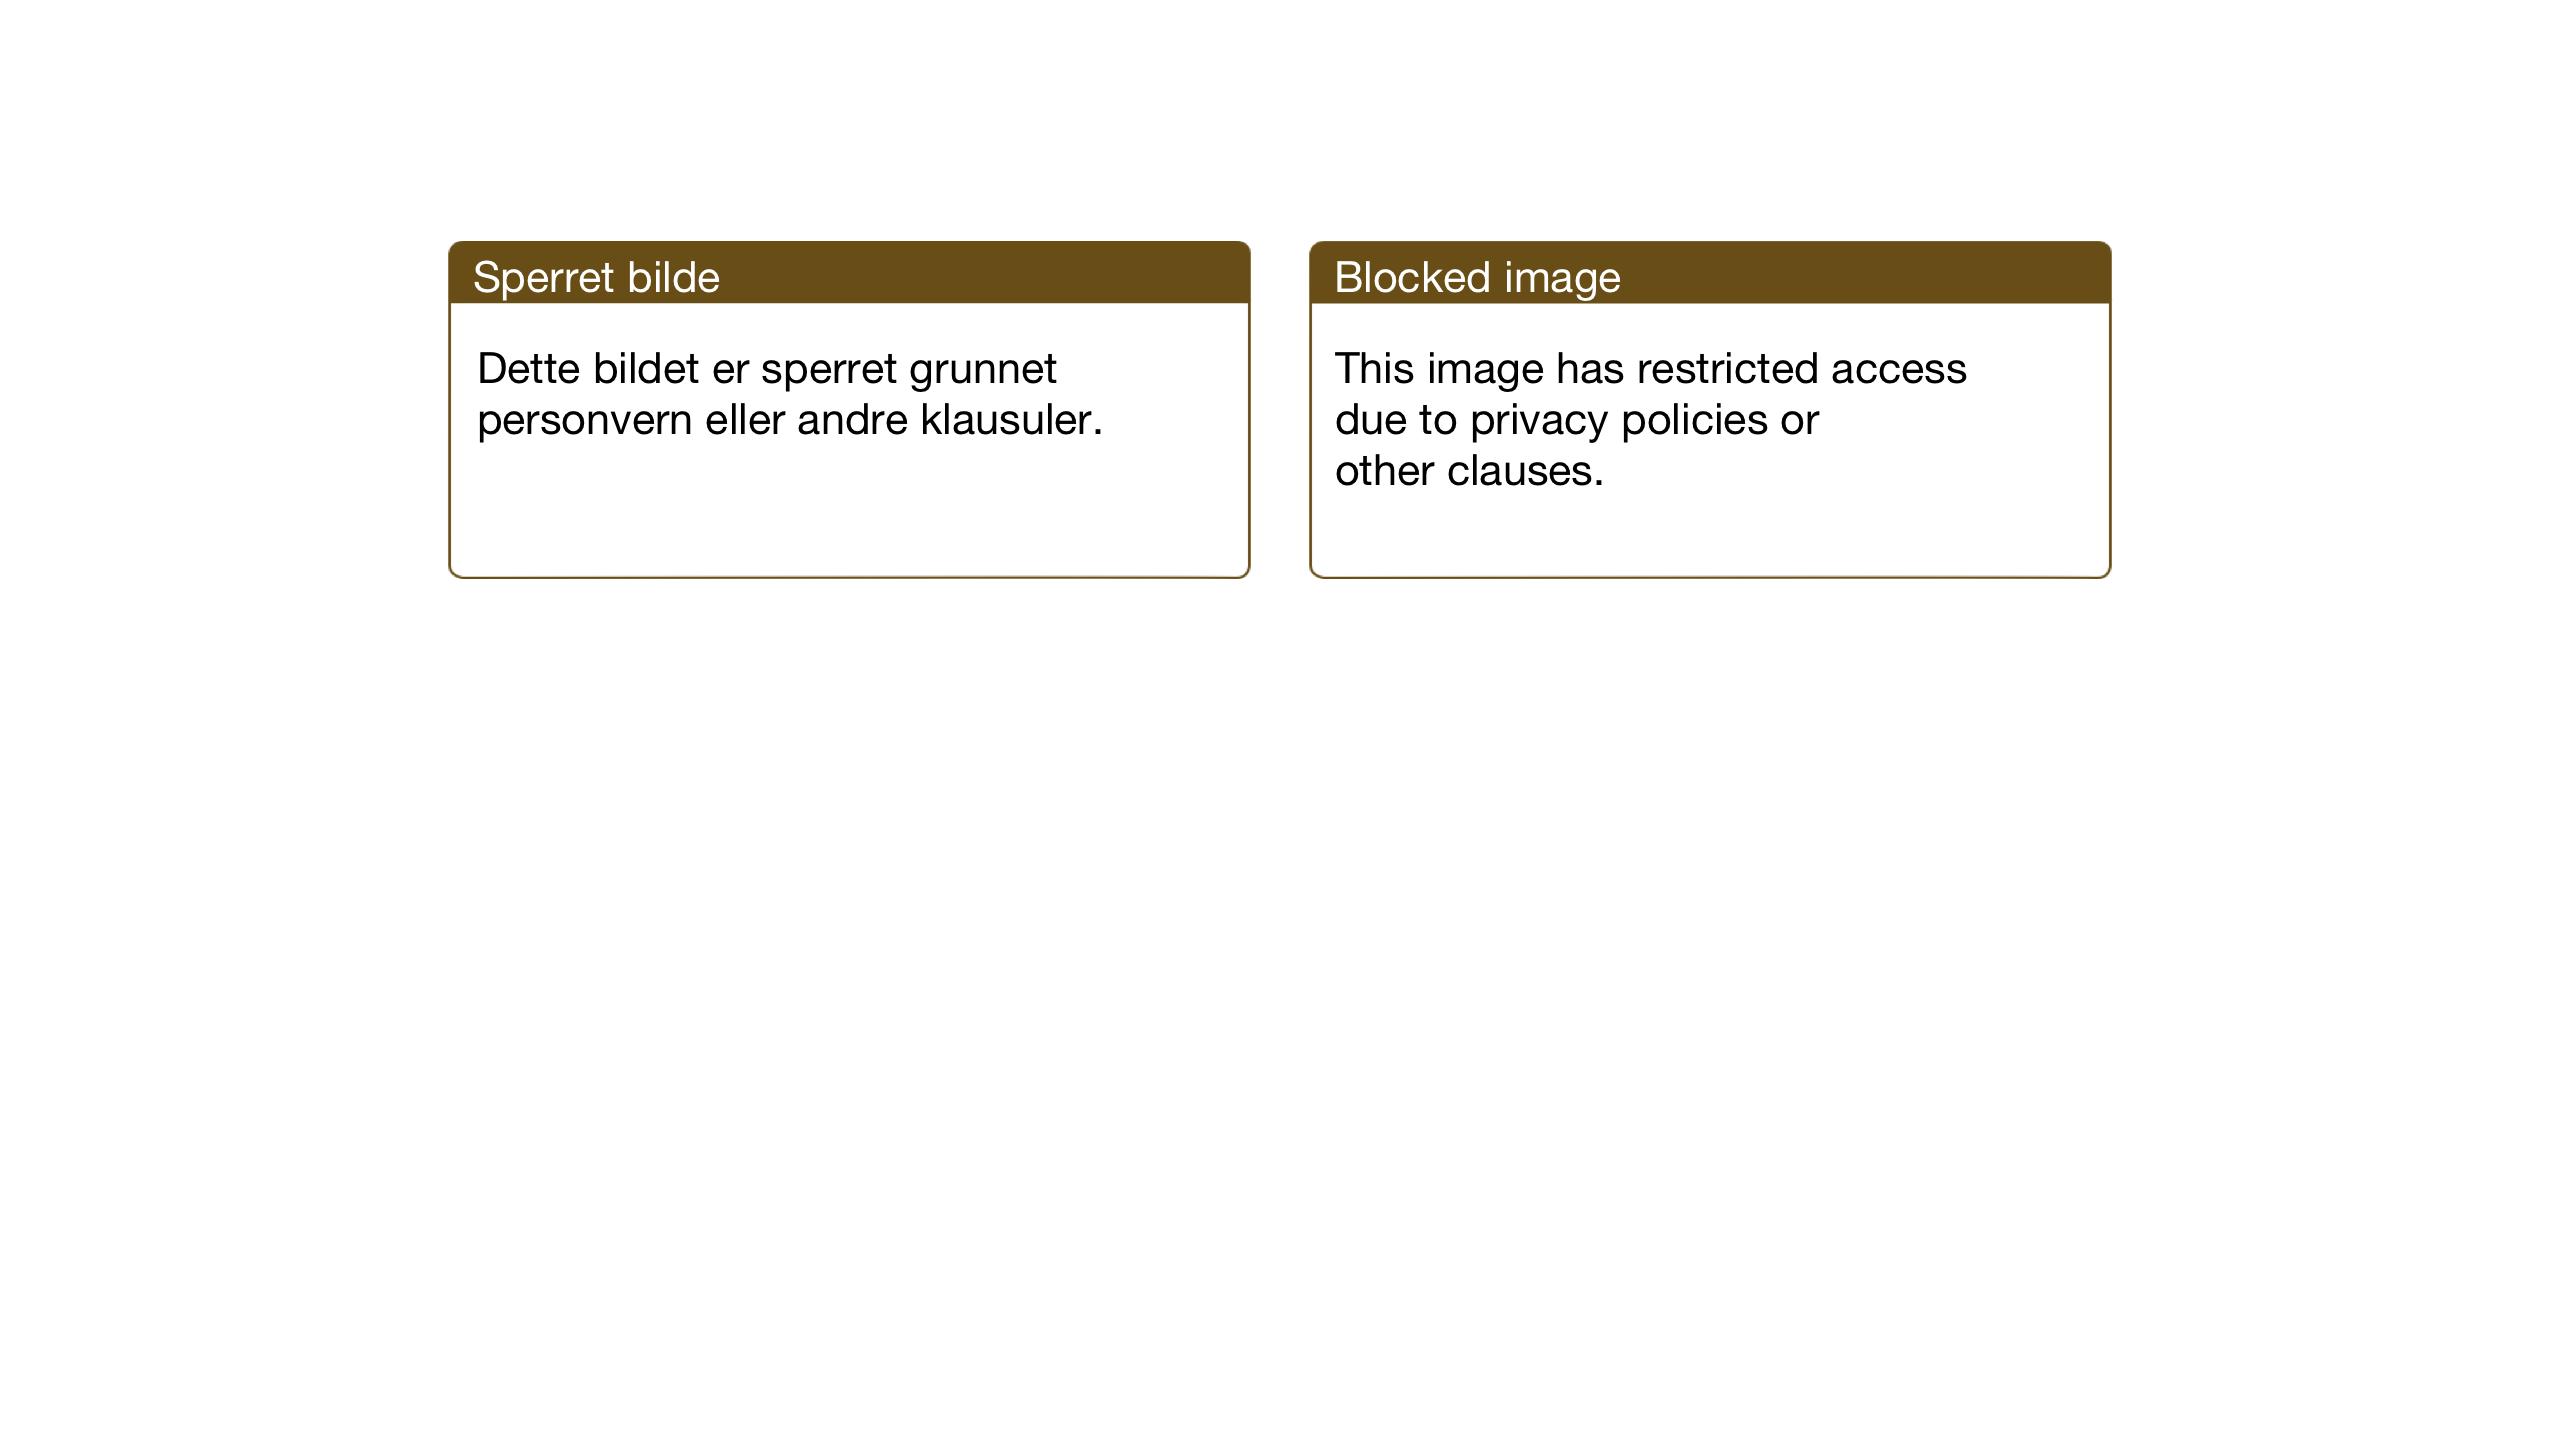 SAT, Ministerialprotokoller, klokkerbøker og fødselsregistre - Sør-Trøndelag, 690/L1053: Klokkerbok nr. 690C03, 1930-1947, s. 42